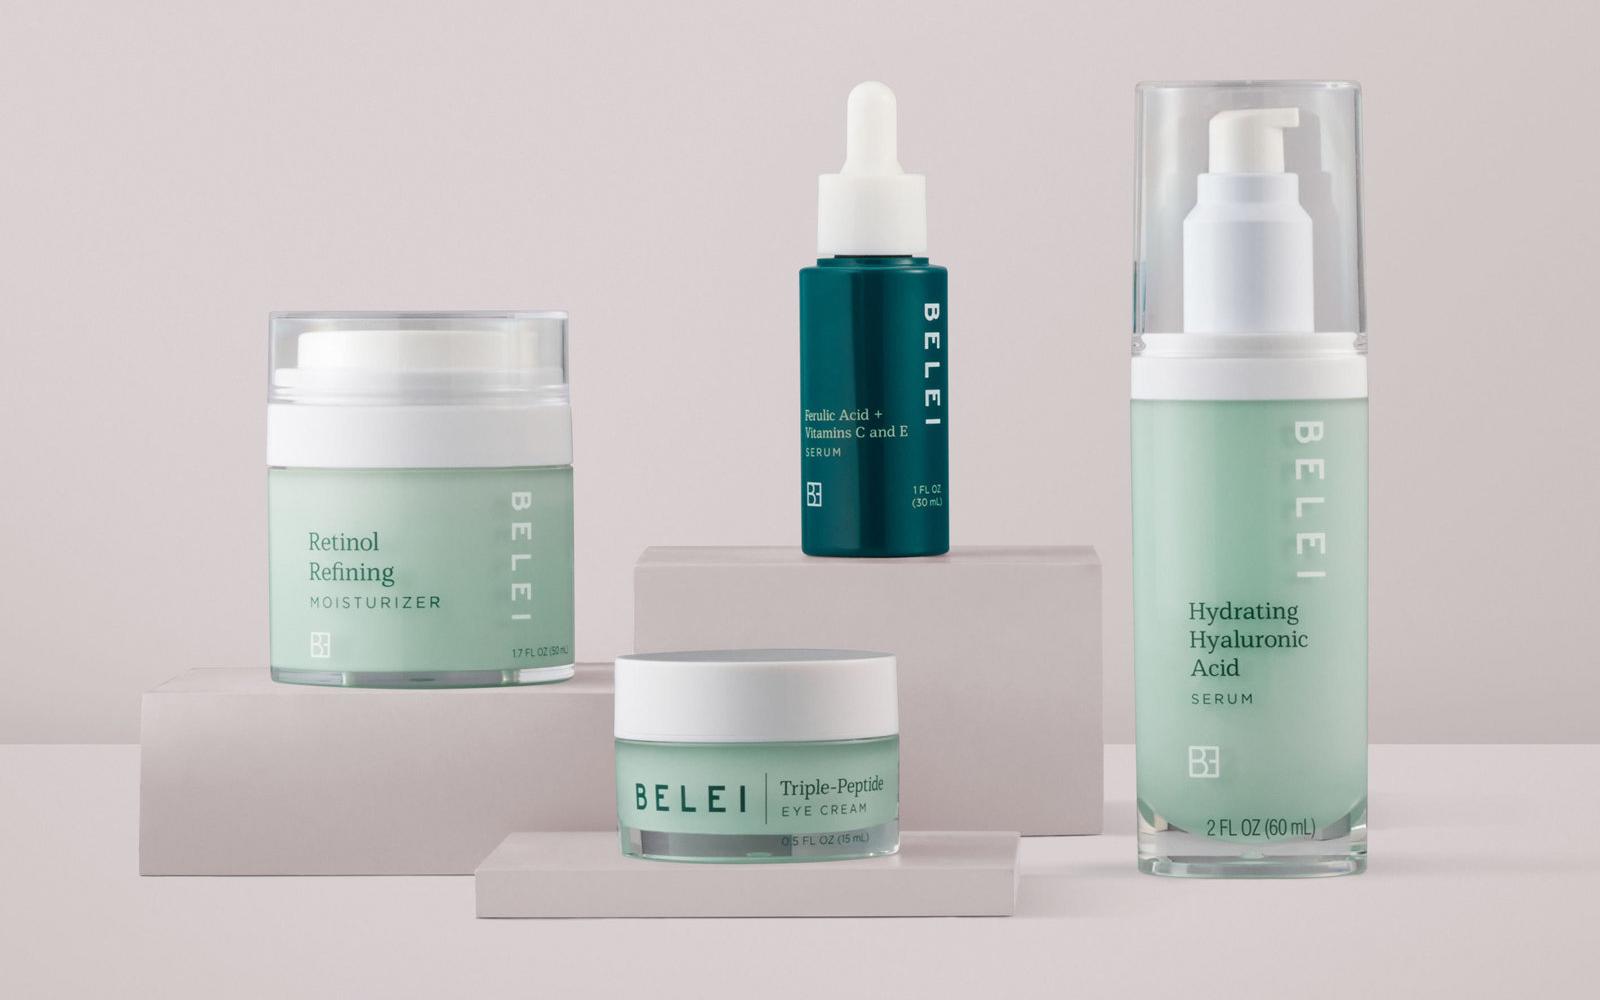 亚马逊推出首个护肤自有品牌「Belei」,定价 9 至 40 美元